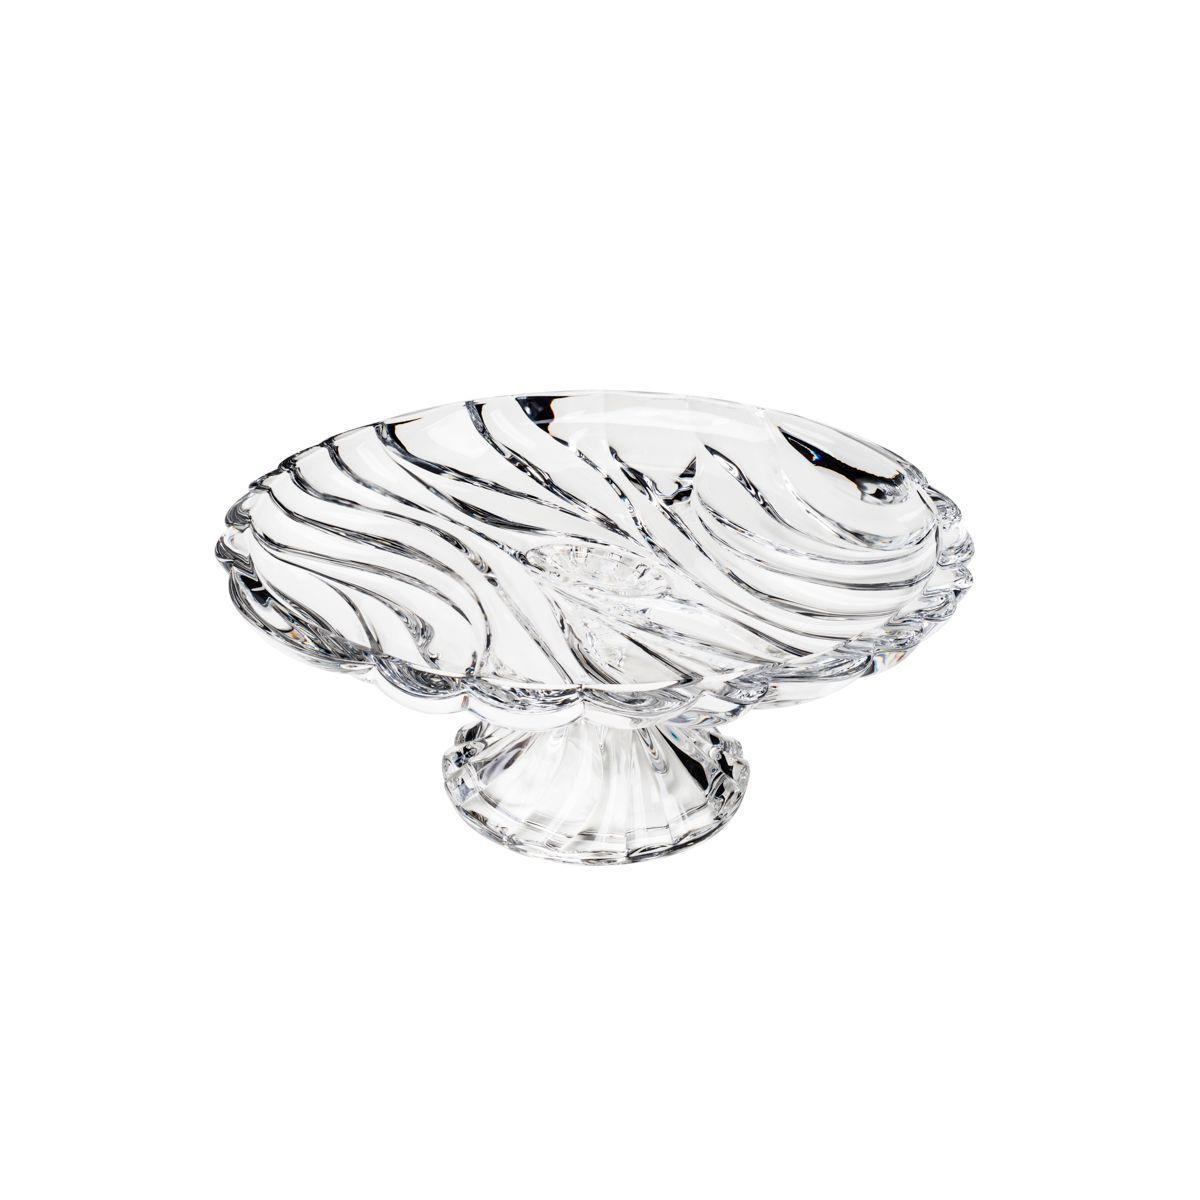 Prato 32,5 cm para bolo de cristal com pé transparente Bamboo Wolff - 26480